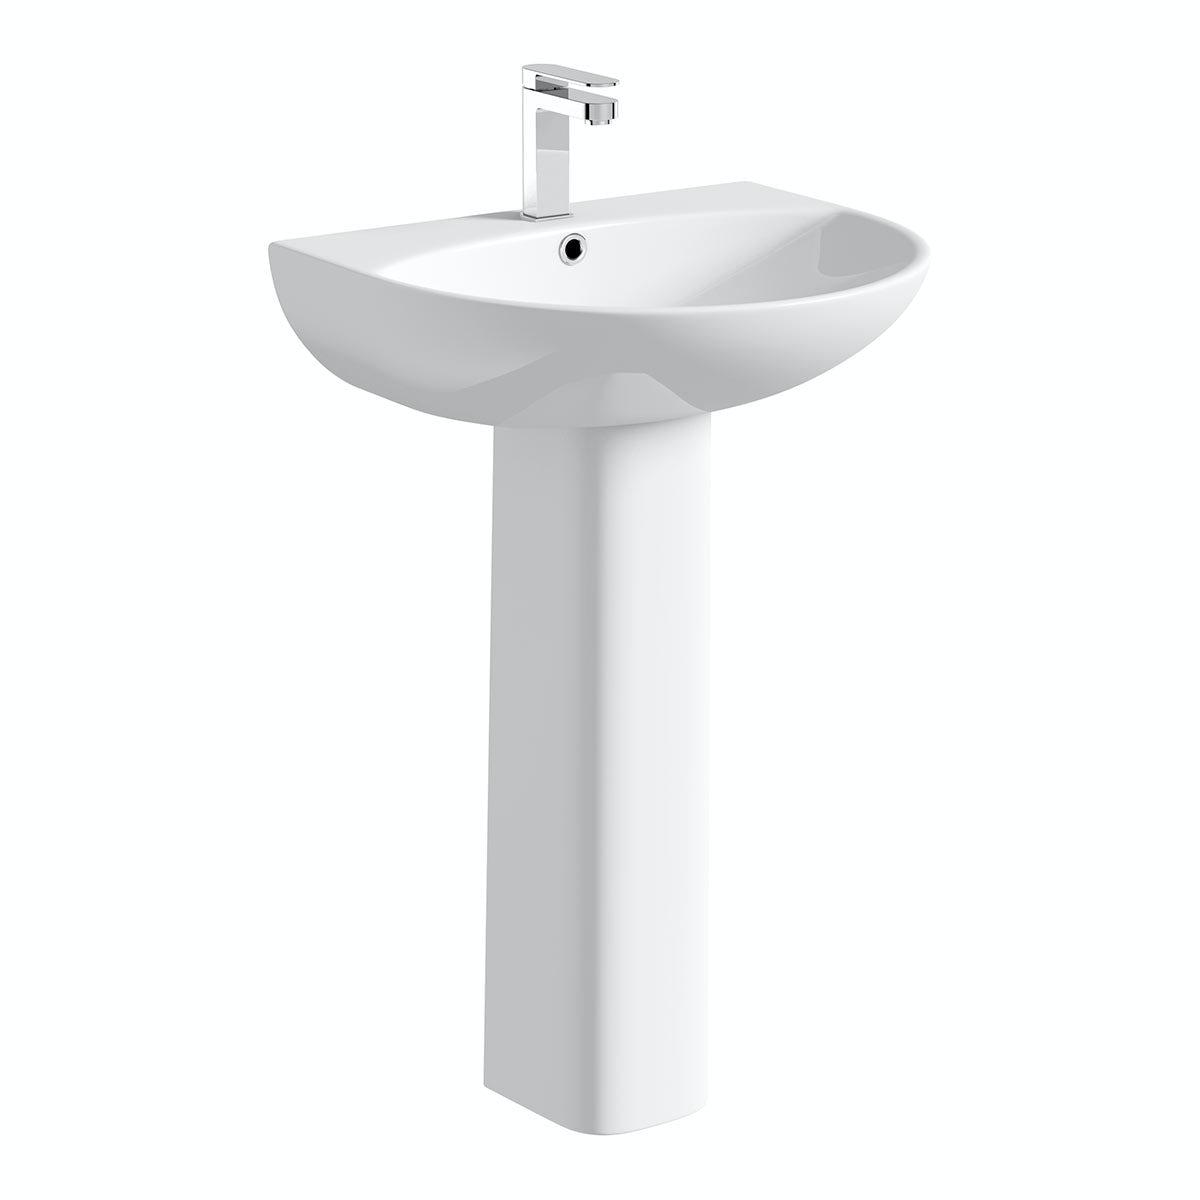 Derwent Round Basin and Full Pedestal